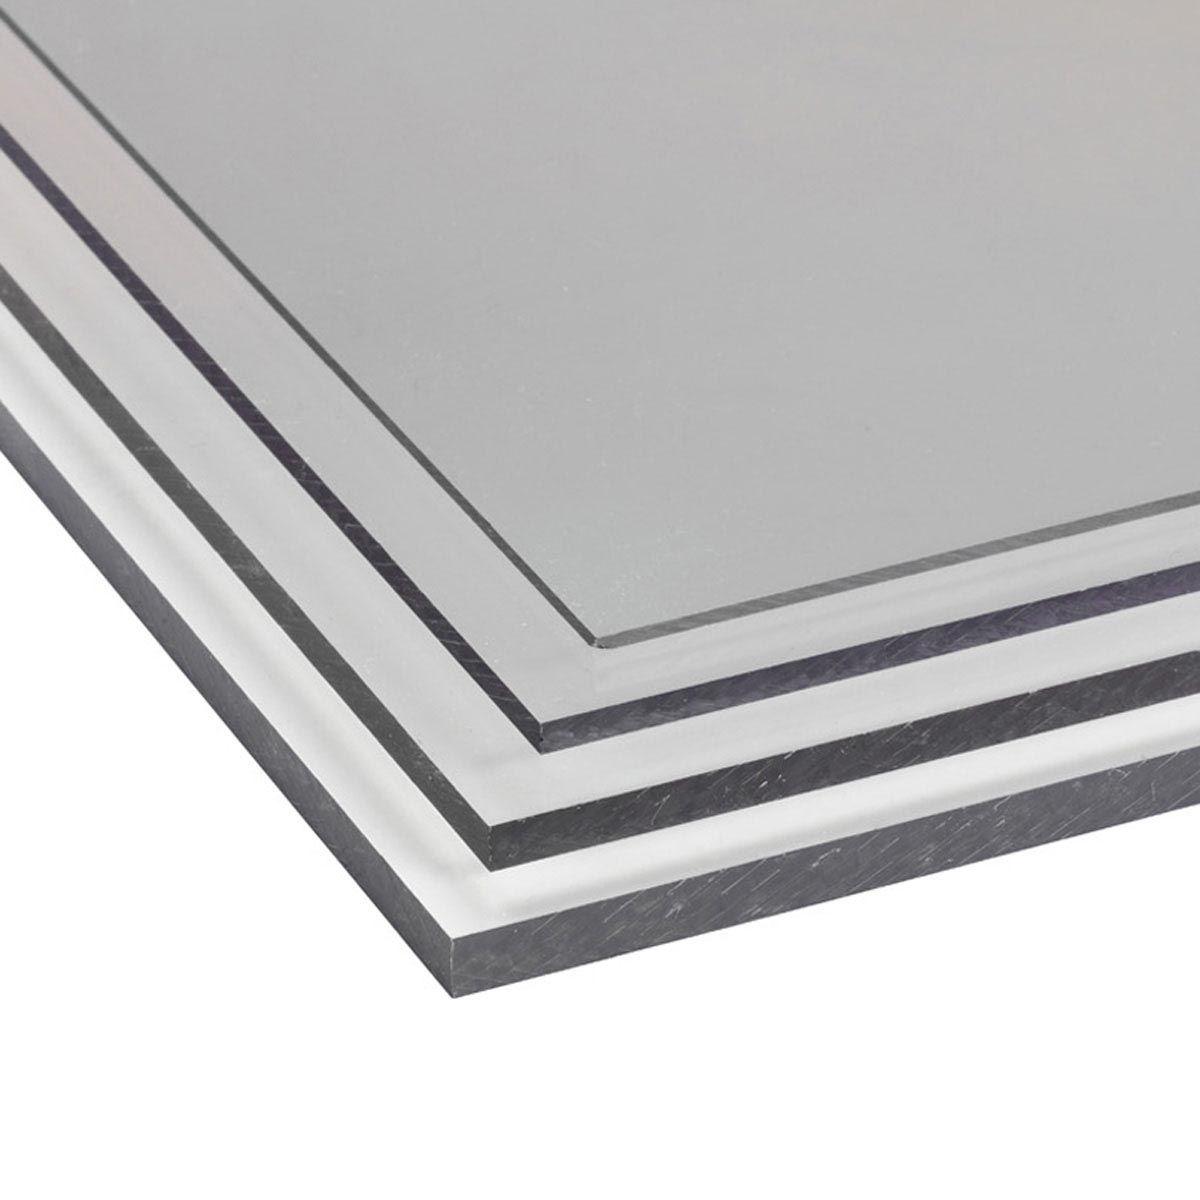 PC Platte, aus PC, transparent, 3050 x 2050 x 2 mm